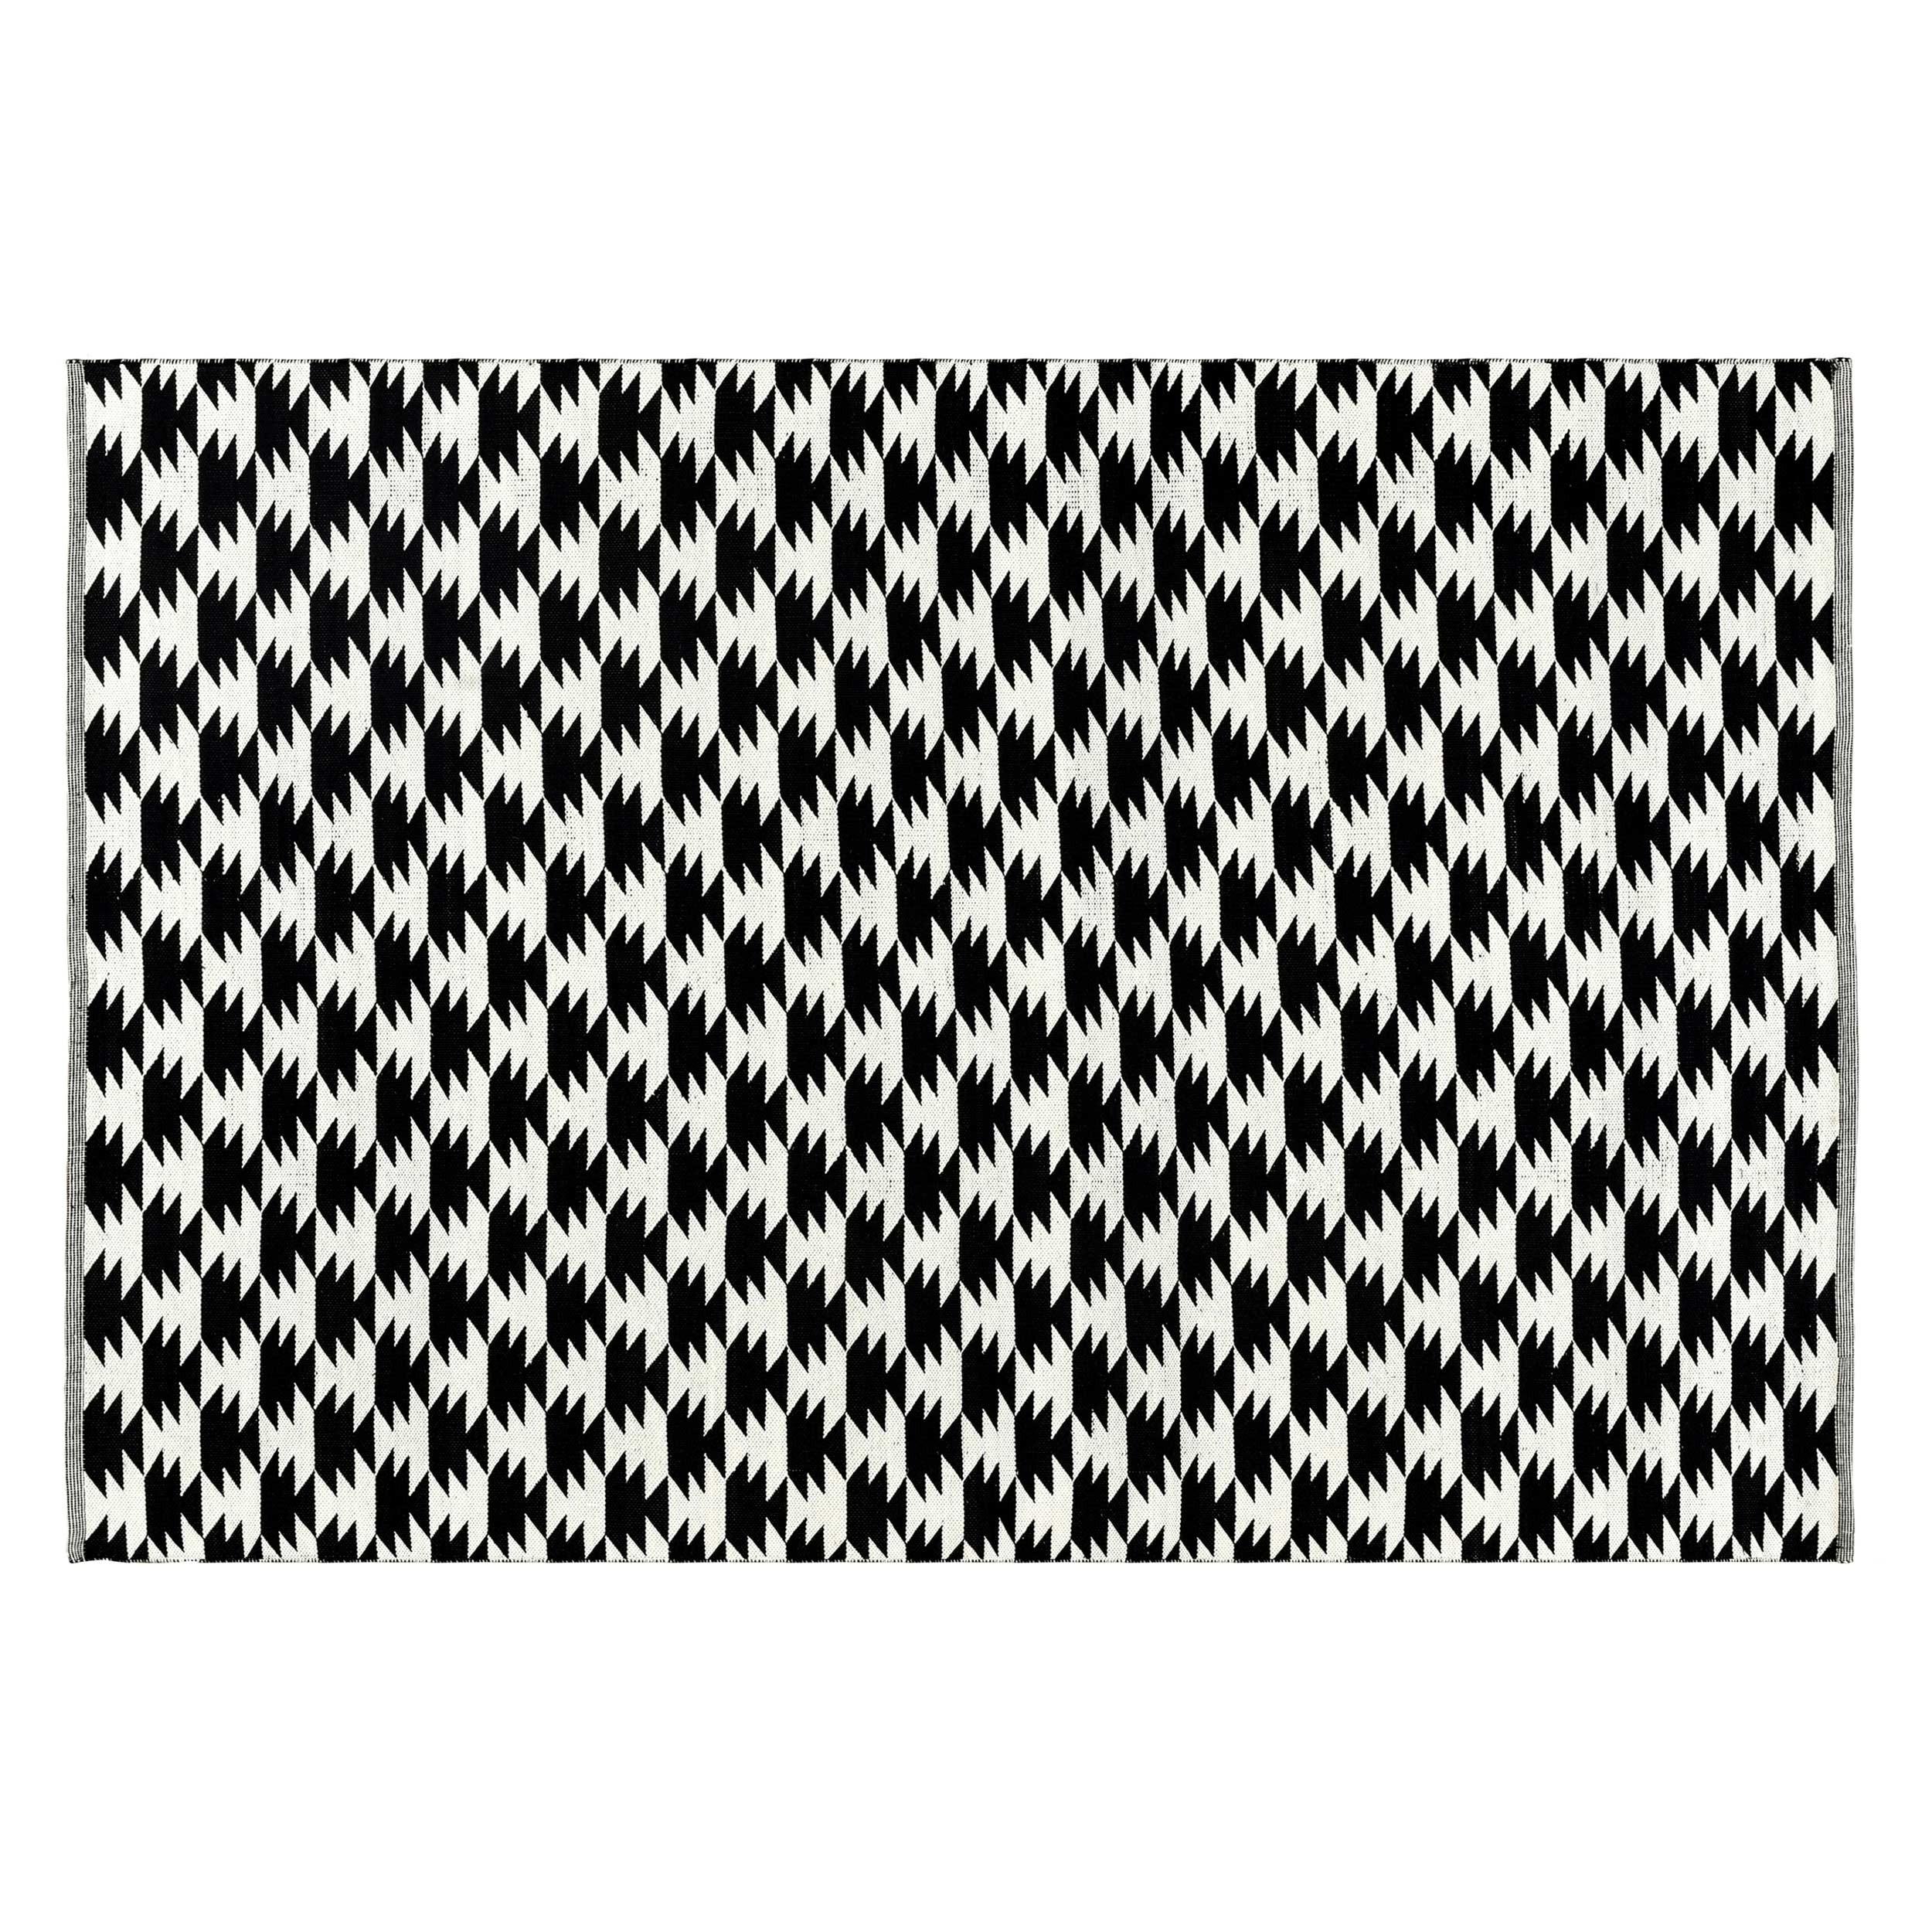 acheter tapis noir et blanc 160 x 230 cm